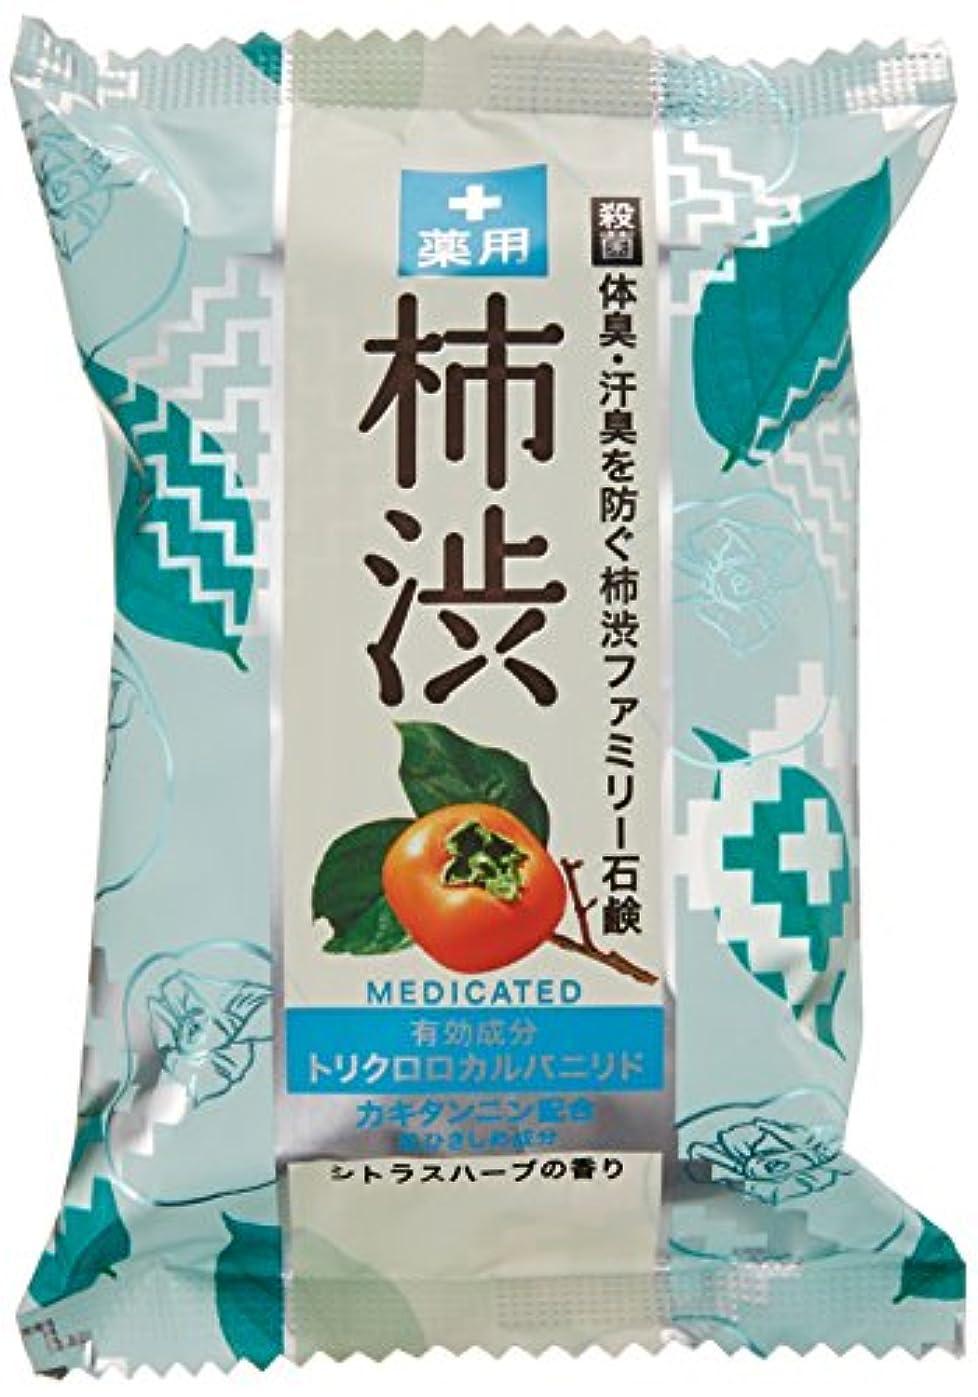 チューインガム時間第二にペリカン石鹸 薬用ファミリー 柿渋石けん 80g×2個